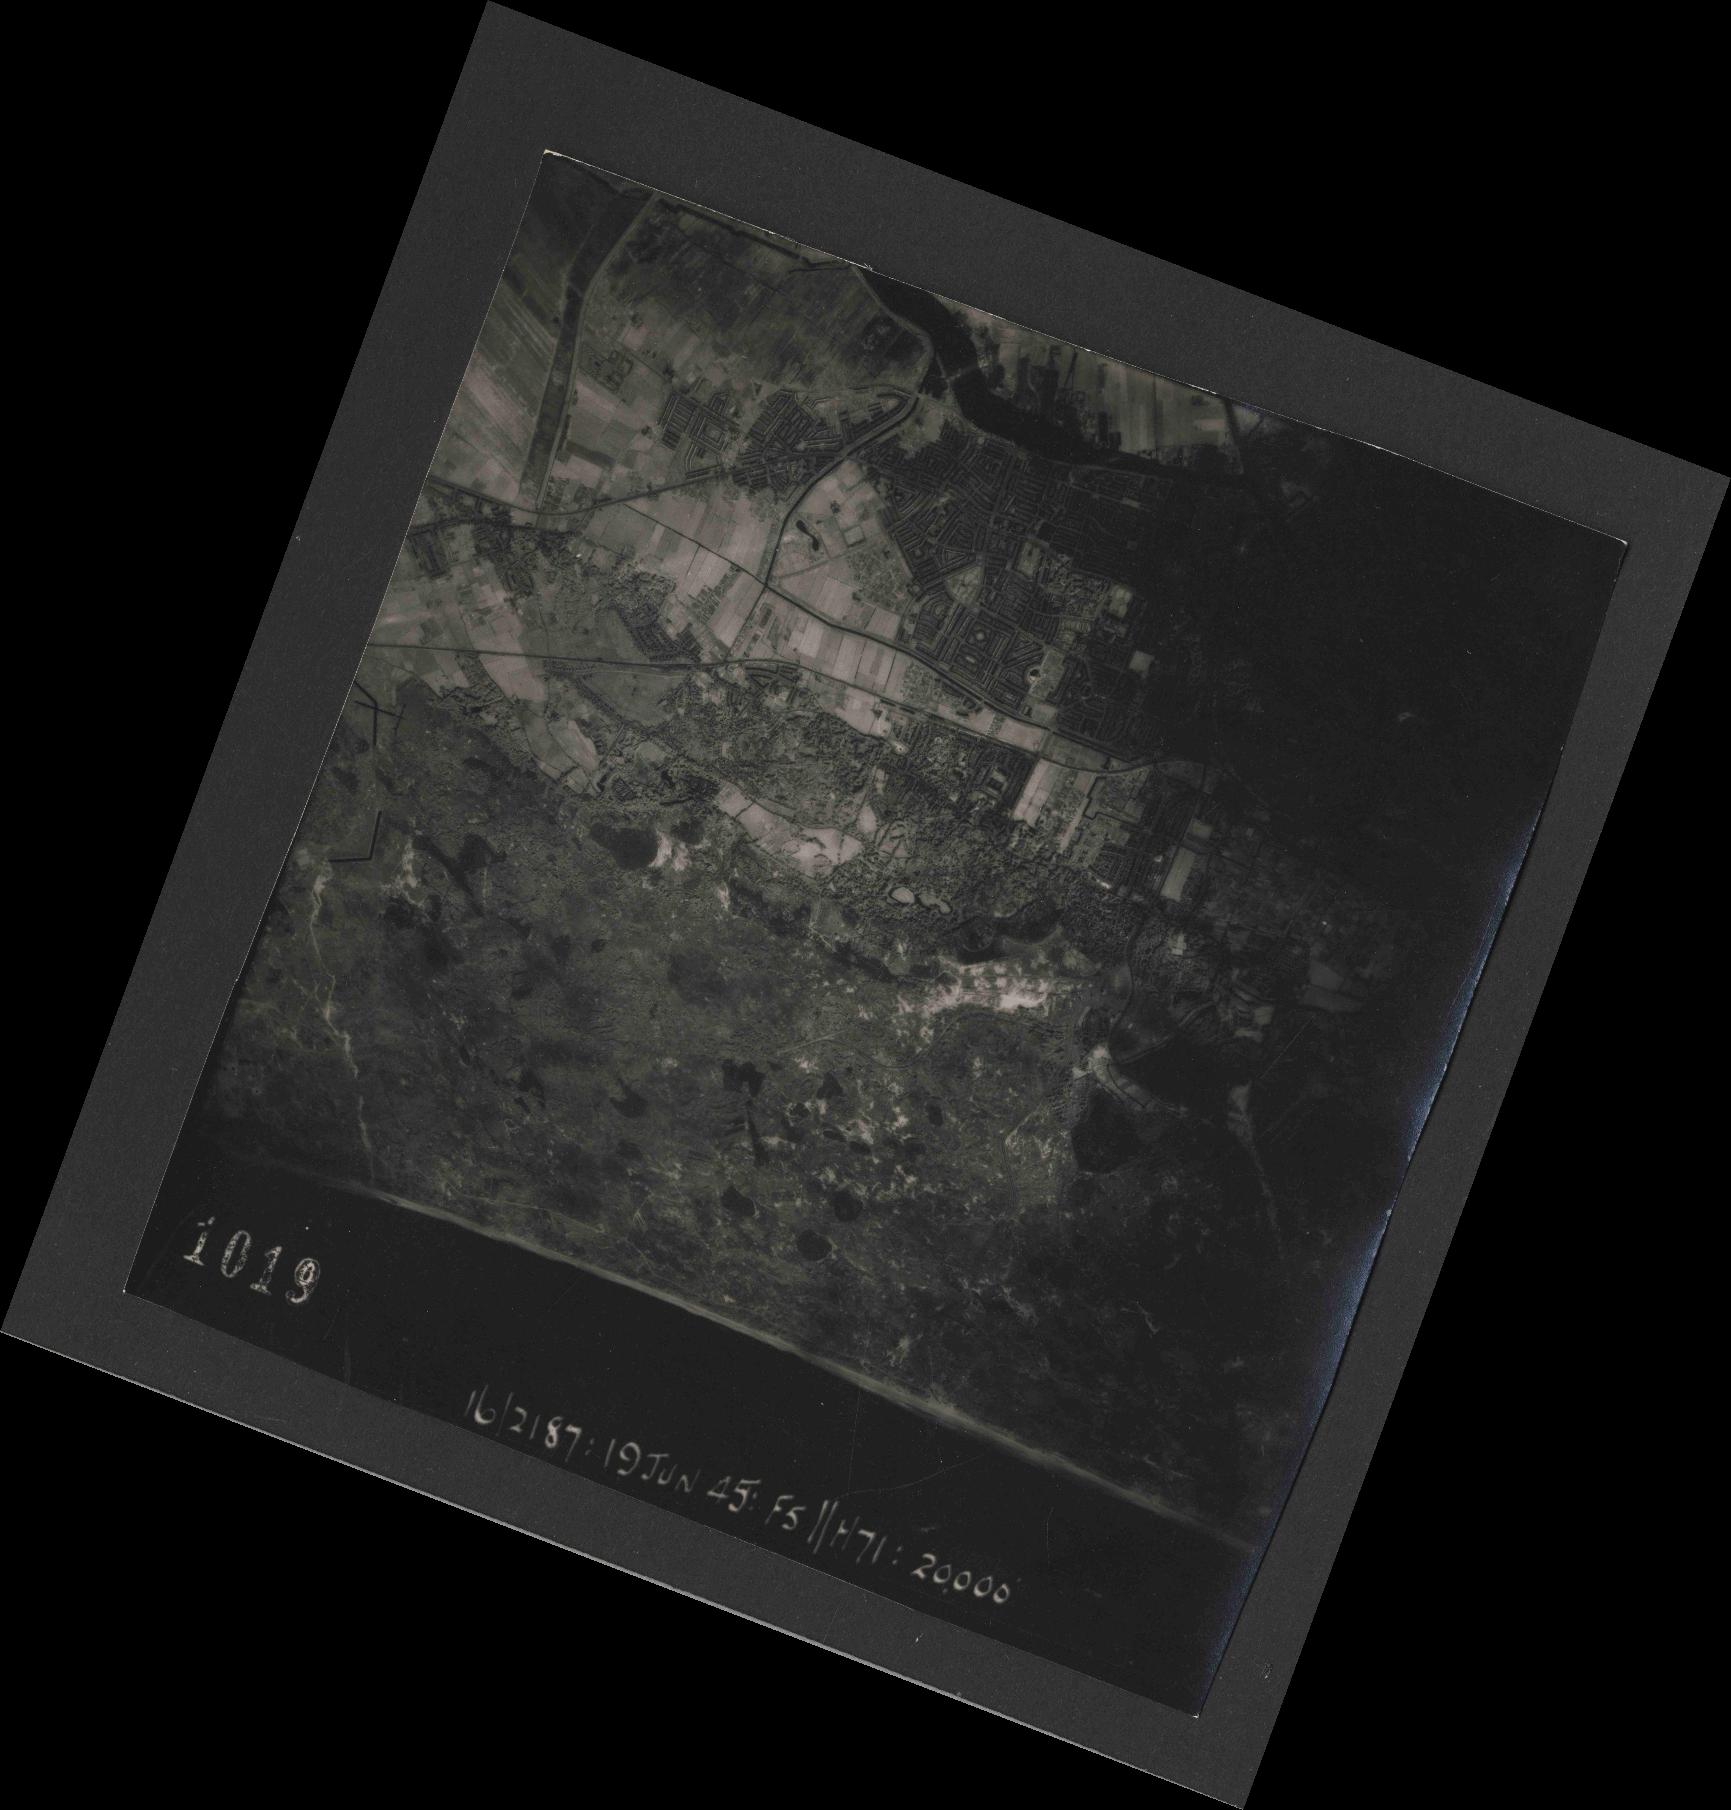 Collection RAF aerial photos 1940-1945 - flight 551, run 01, photo 1019